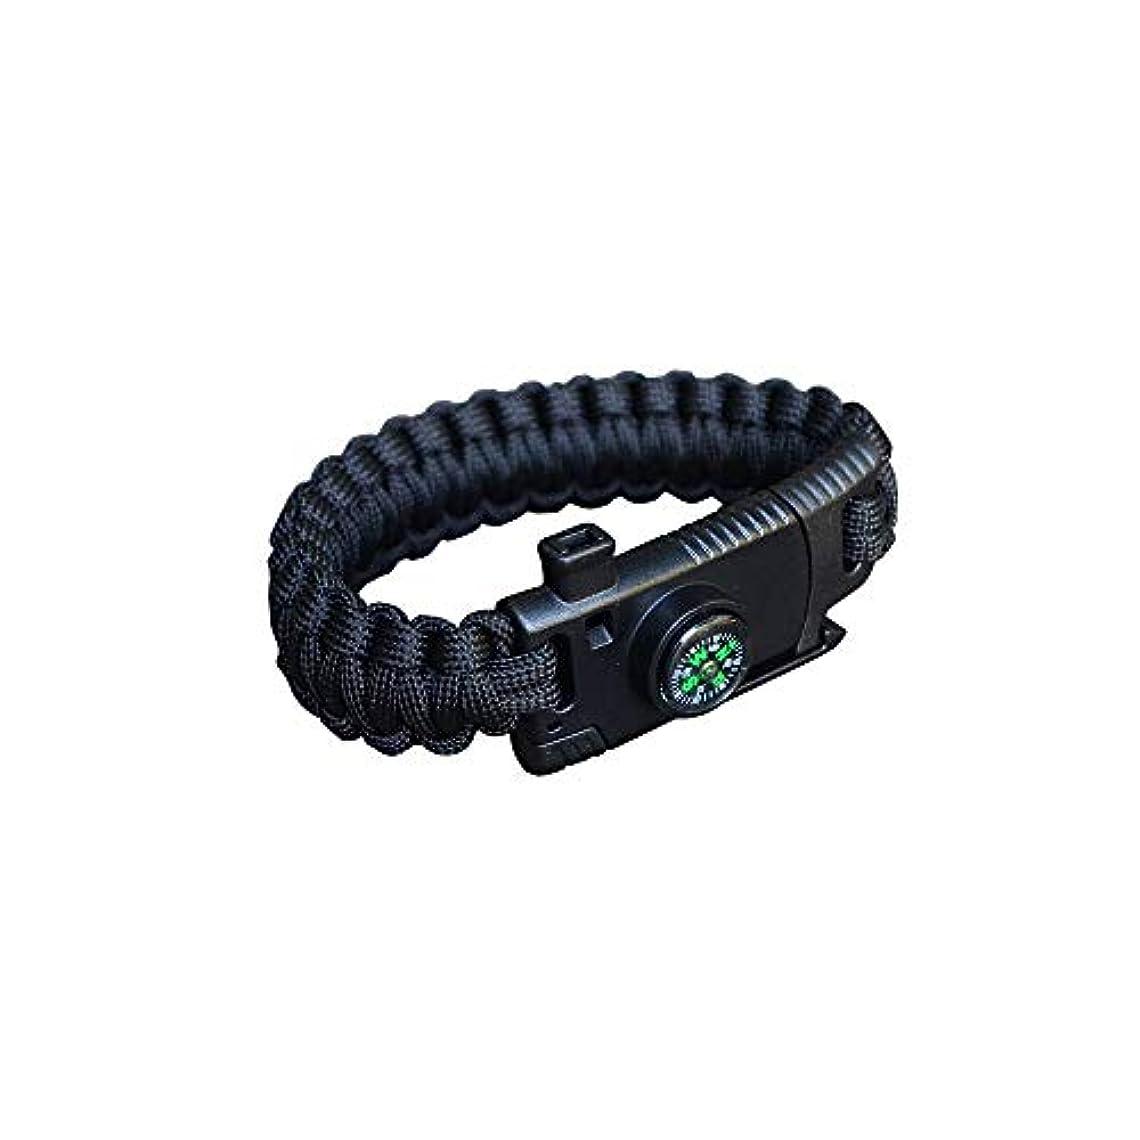 名誉ロッジボタン雑貨の国のアリス ブレスレット サバイバル ナイフ 多機能 コンパス ファイヤー スターター ロープ 防災 ブラック AS-ad234-bk